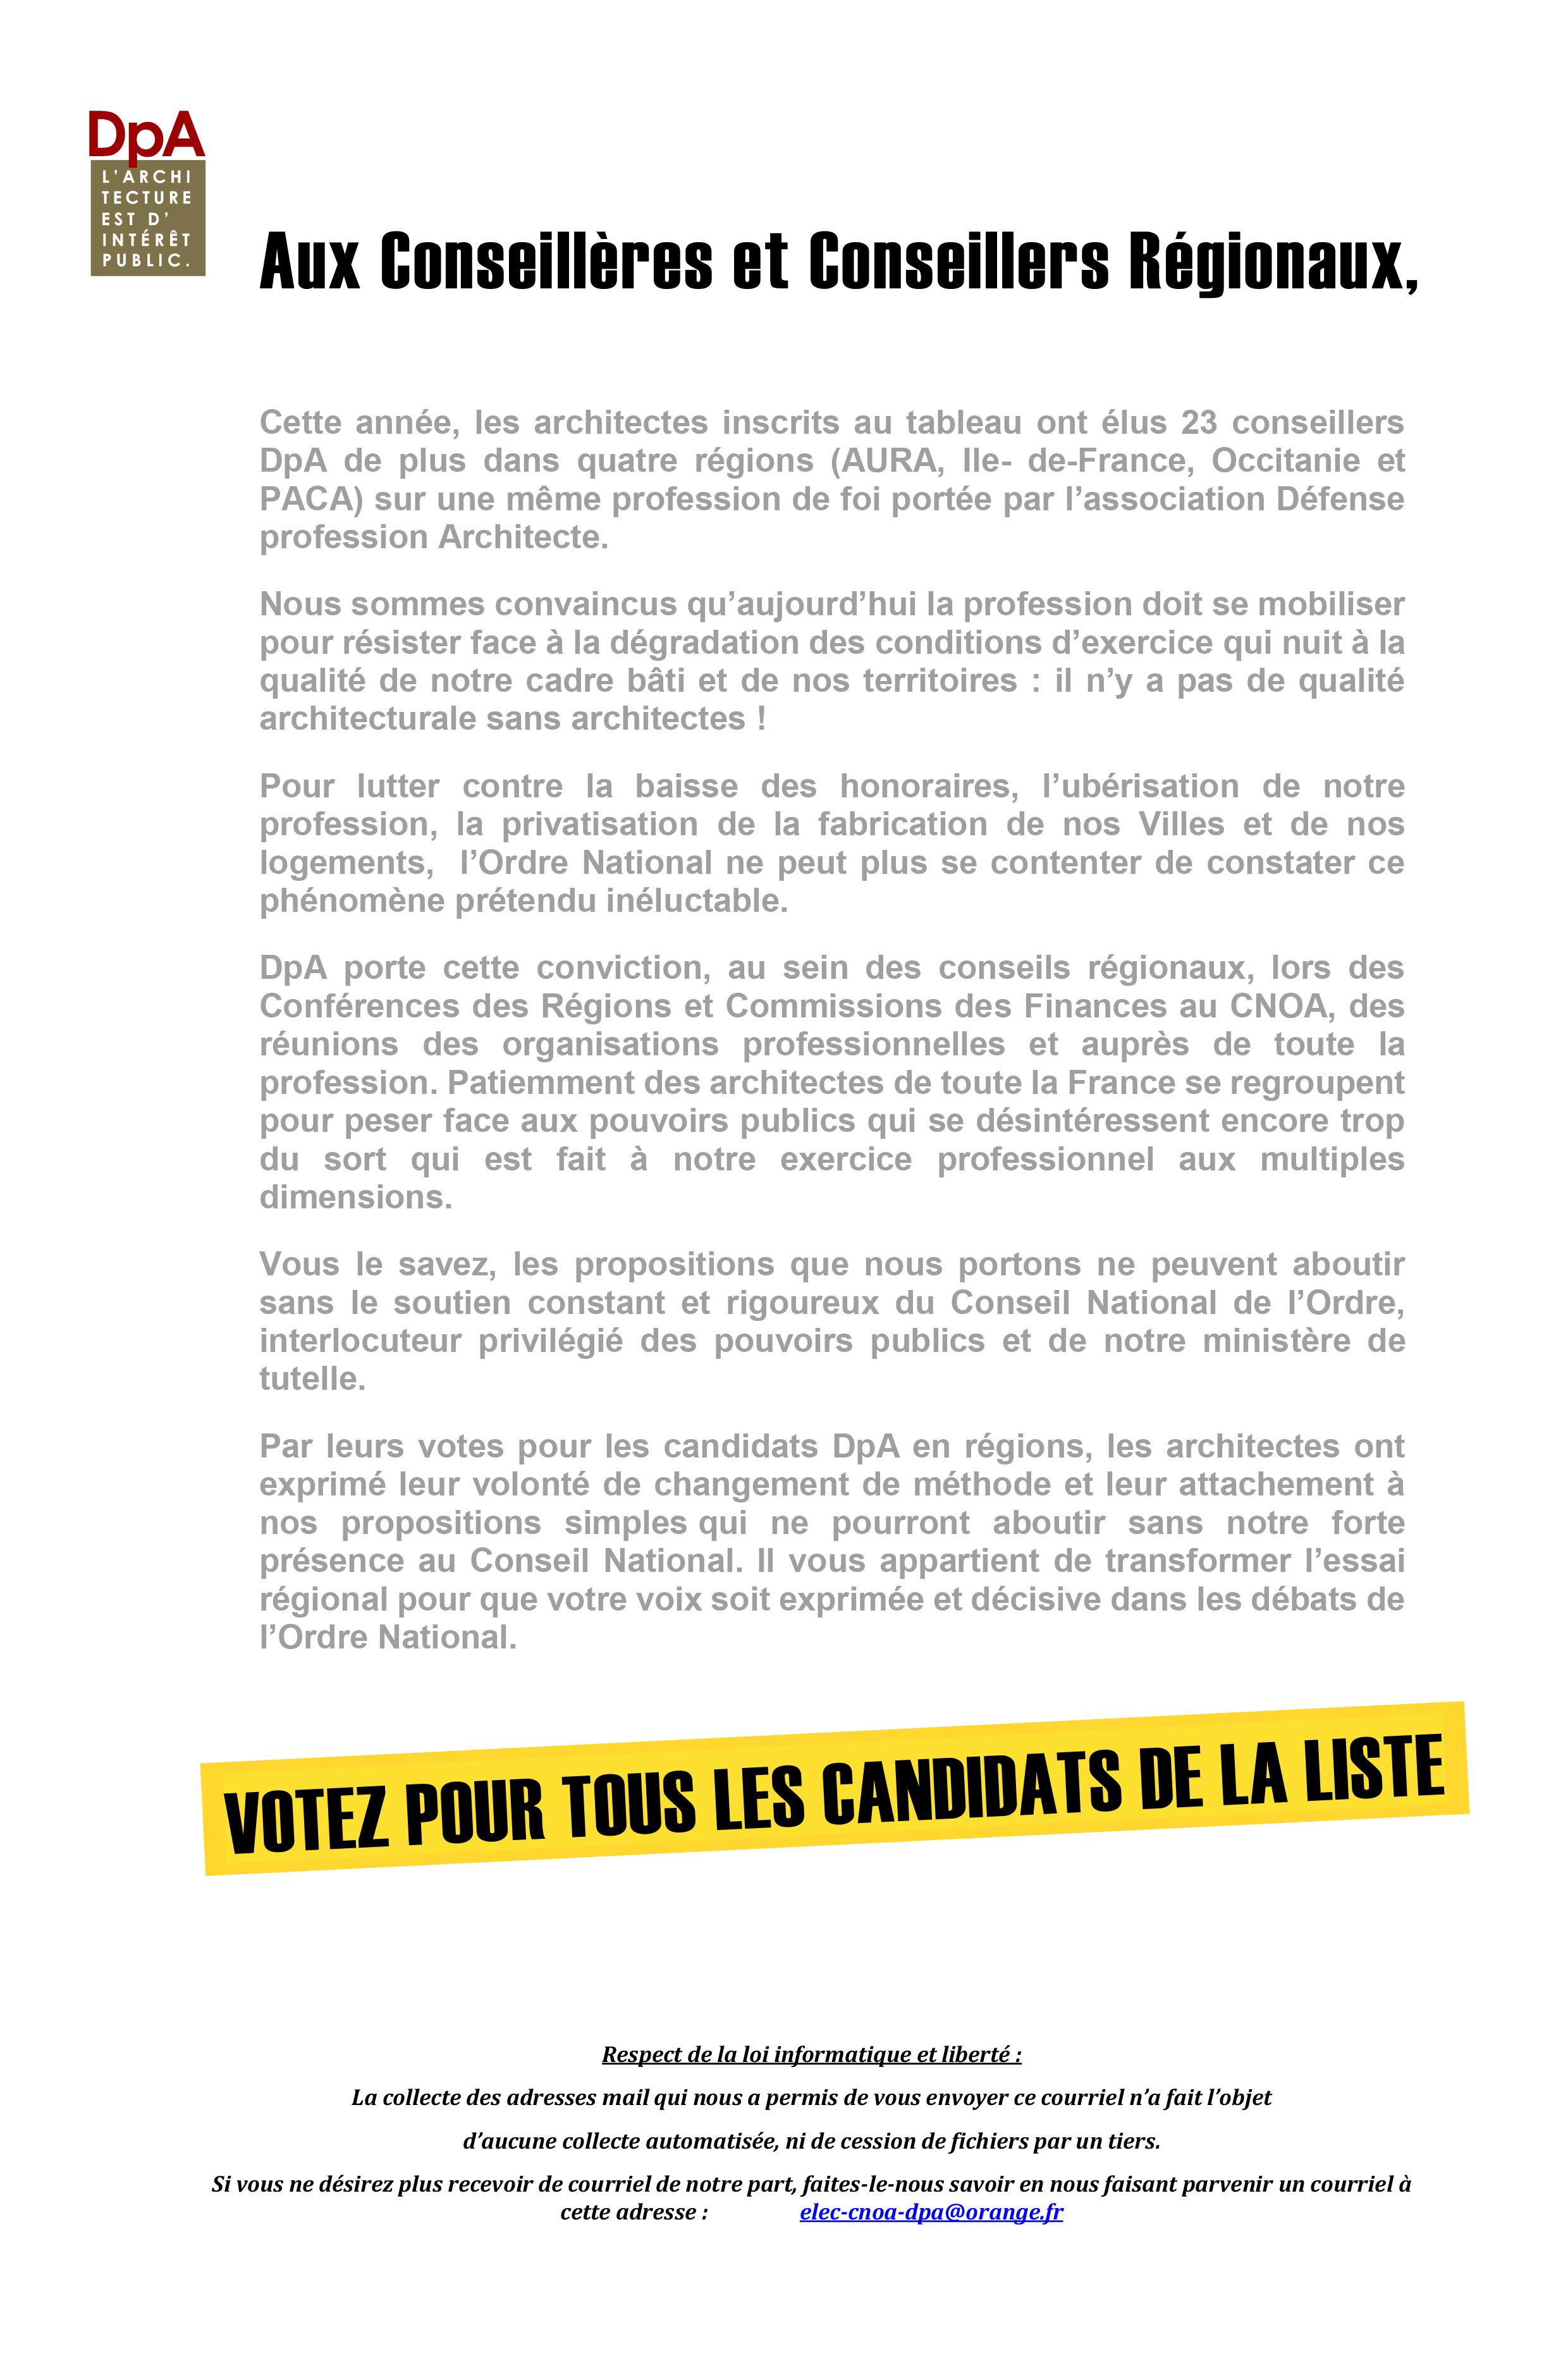 élections Du Cnoa 2017 Lettre Aux Conseillers Défense